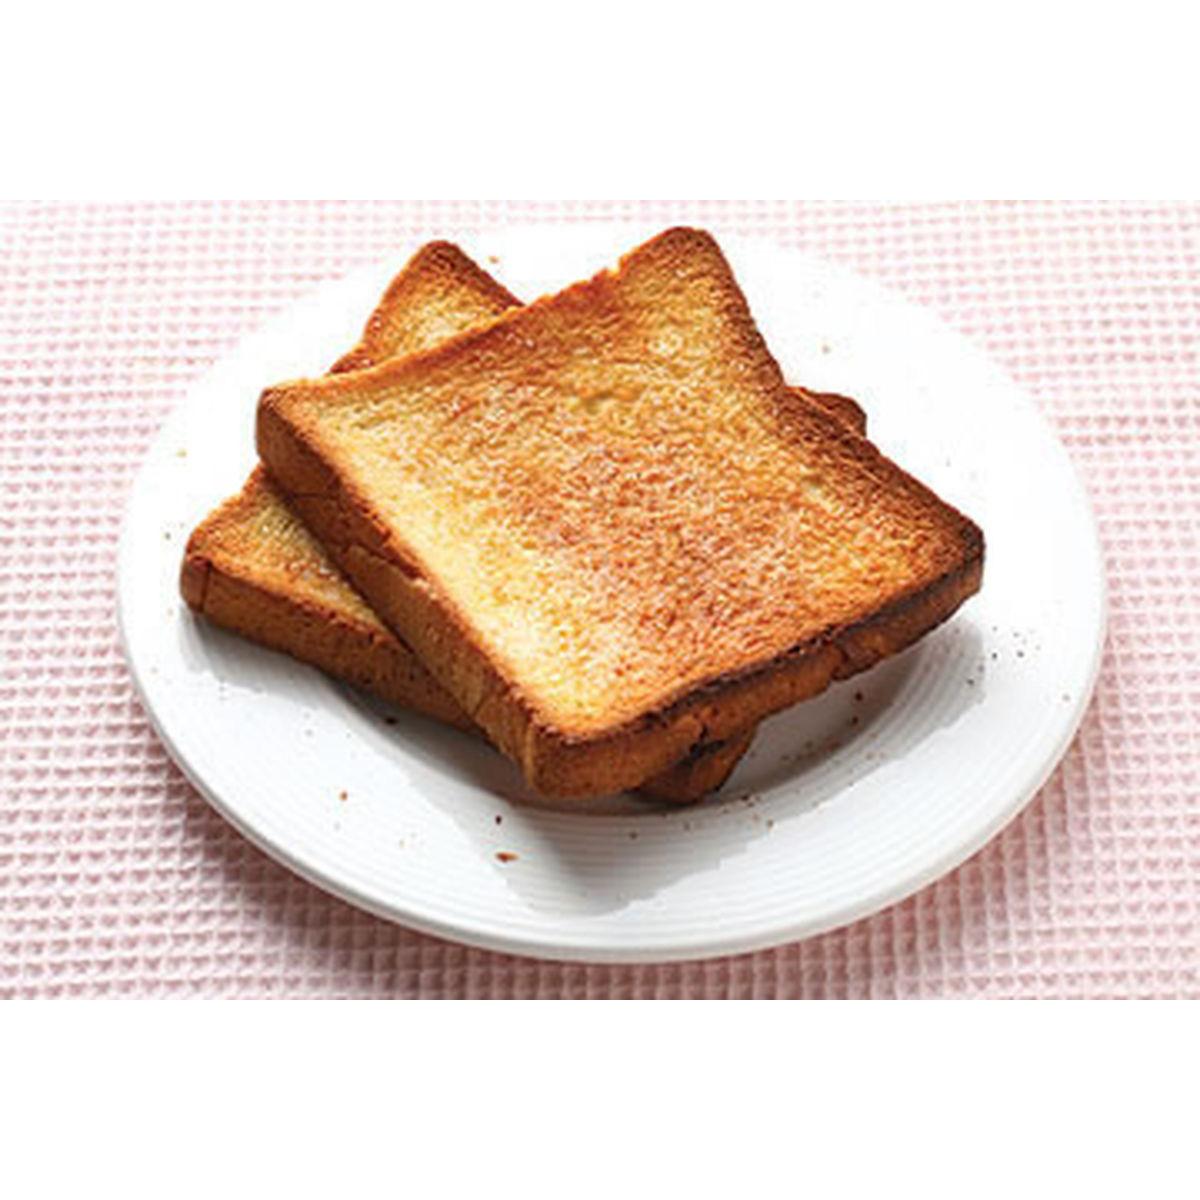 食譜:超簡便早餐-糖片土司